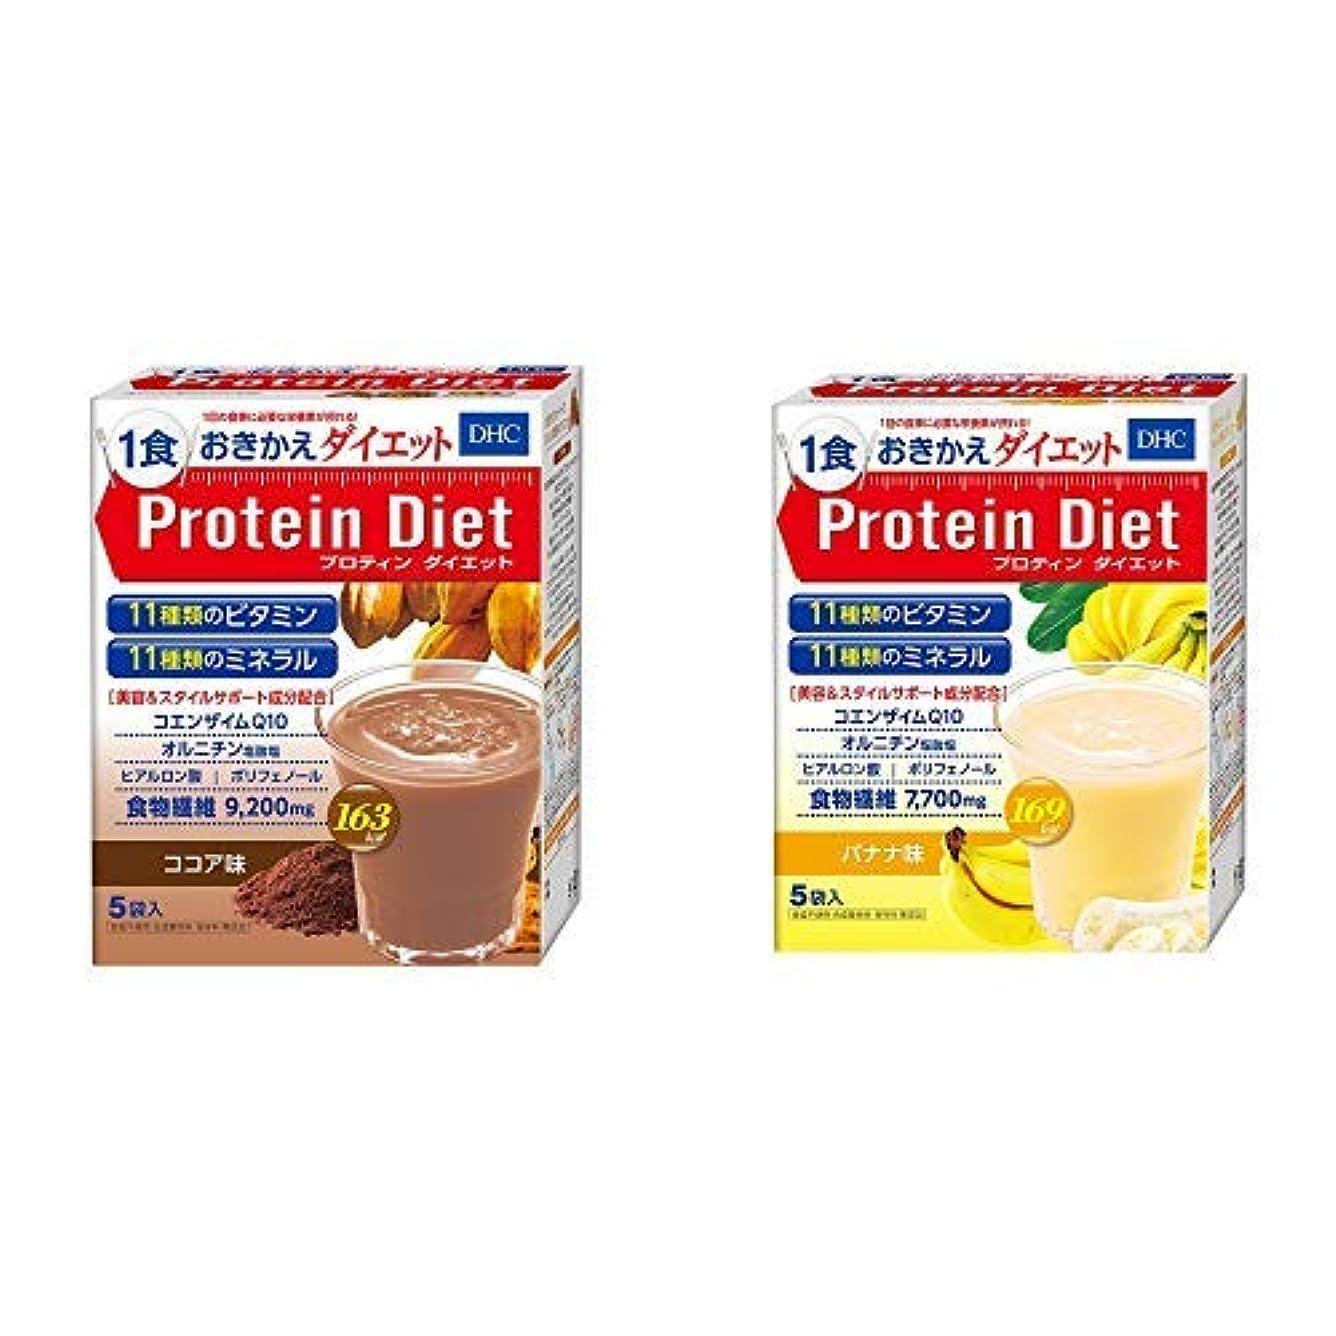 虐待摂動慣れるDHCプロティンダイエット(ココア味) & DHCプロティンダイエット(バナナ味)